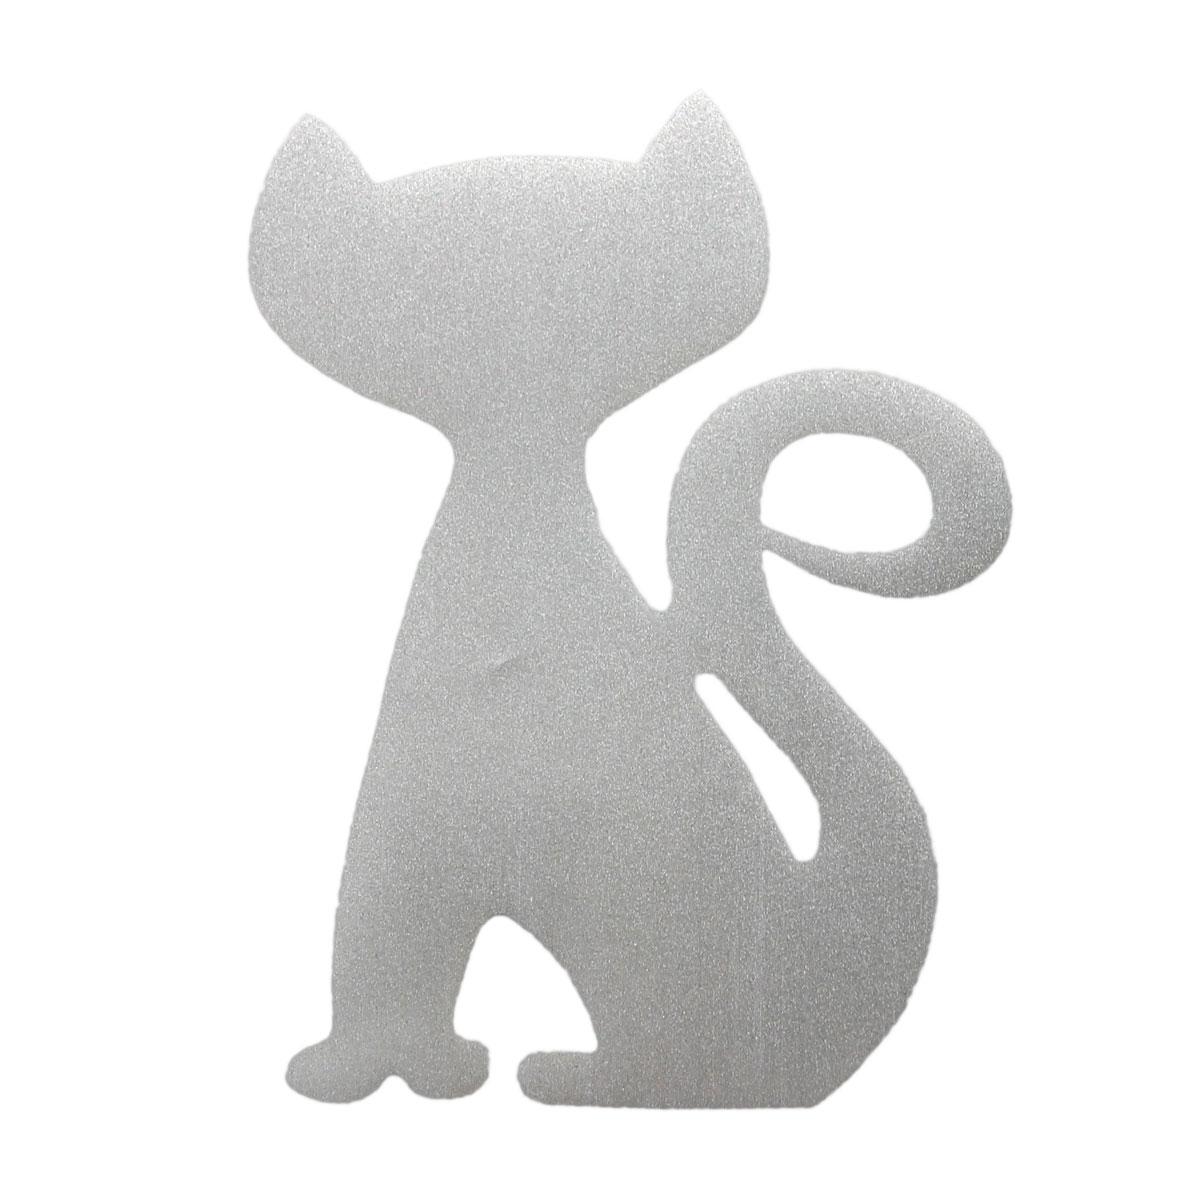 Светоотражающая наклейка на одежду 'Кот'